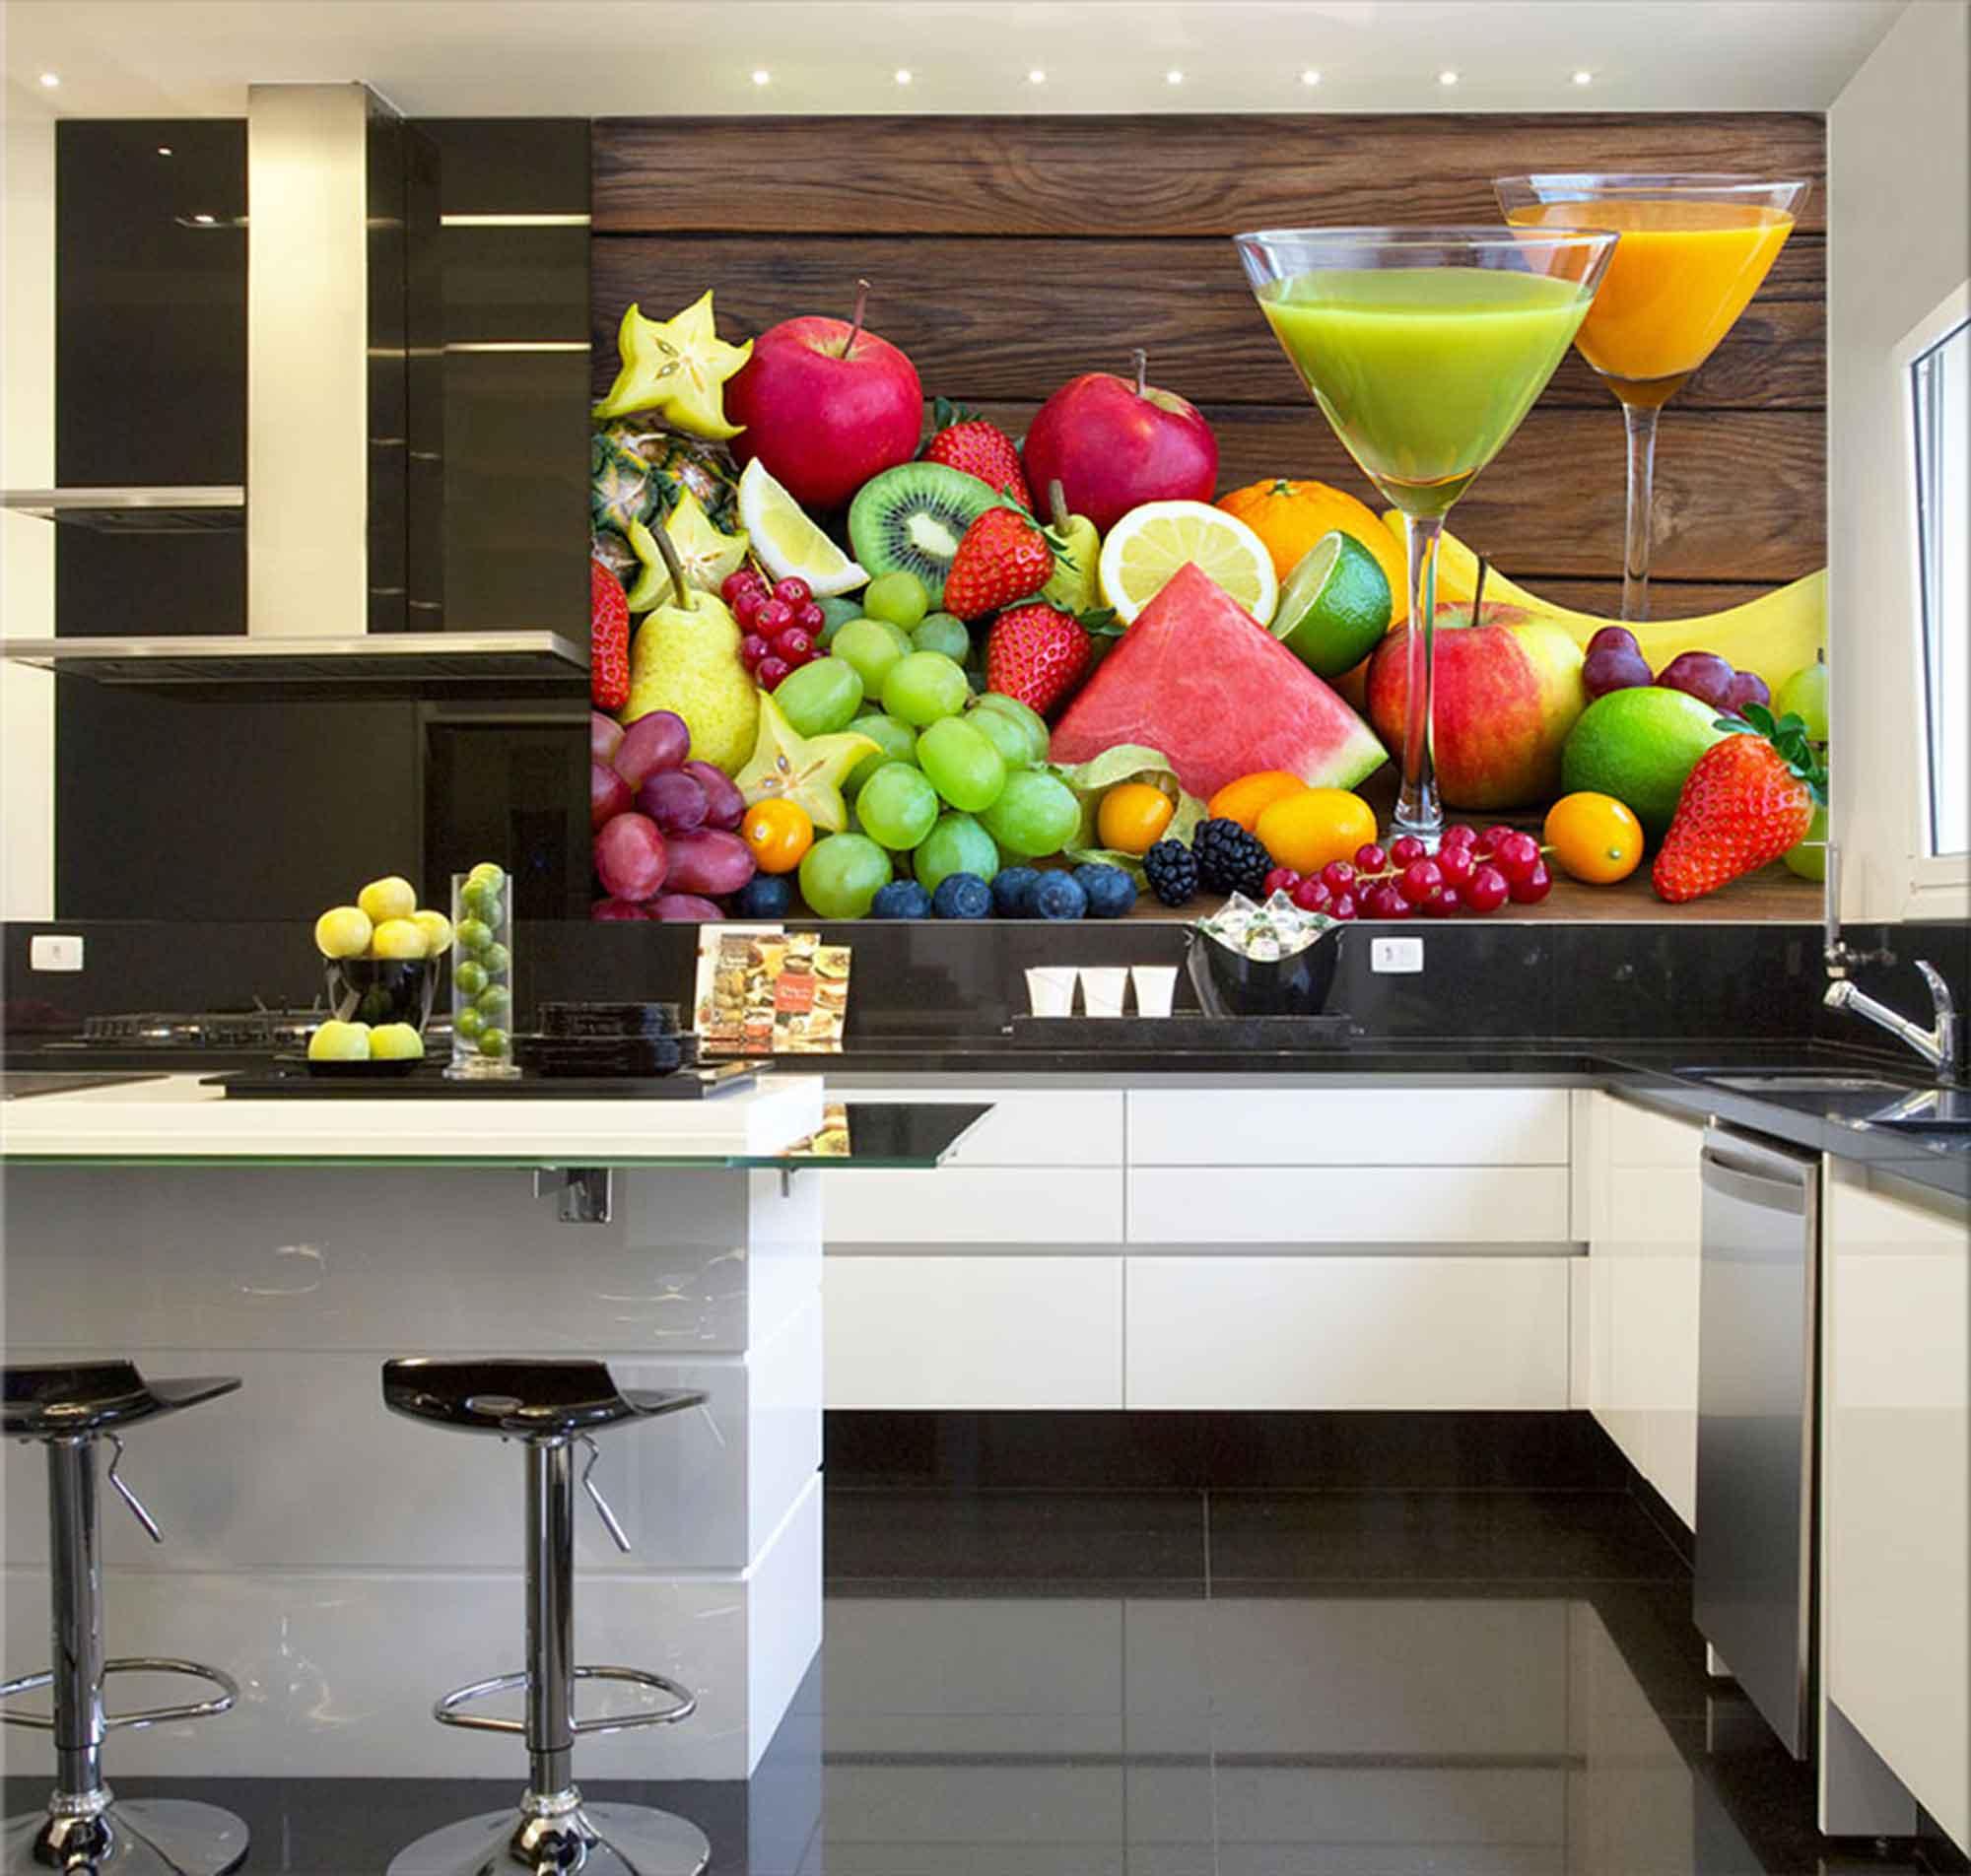 Papel De Parede Para Cozinha 0003 - Sobmedida: m²   - Paredes Decoradas